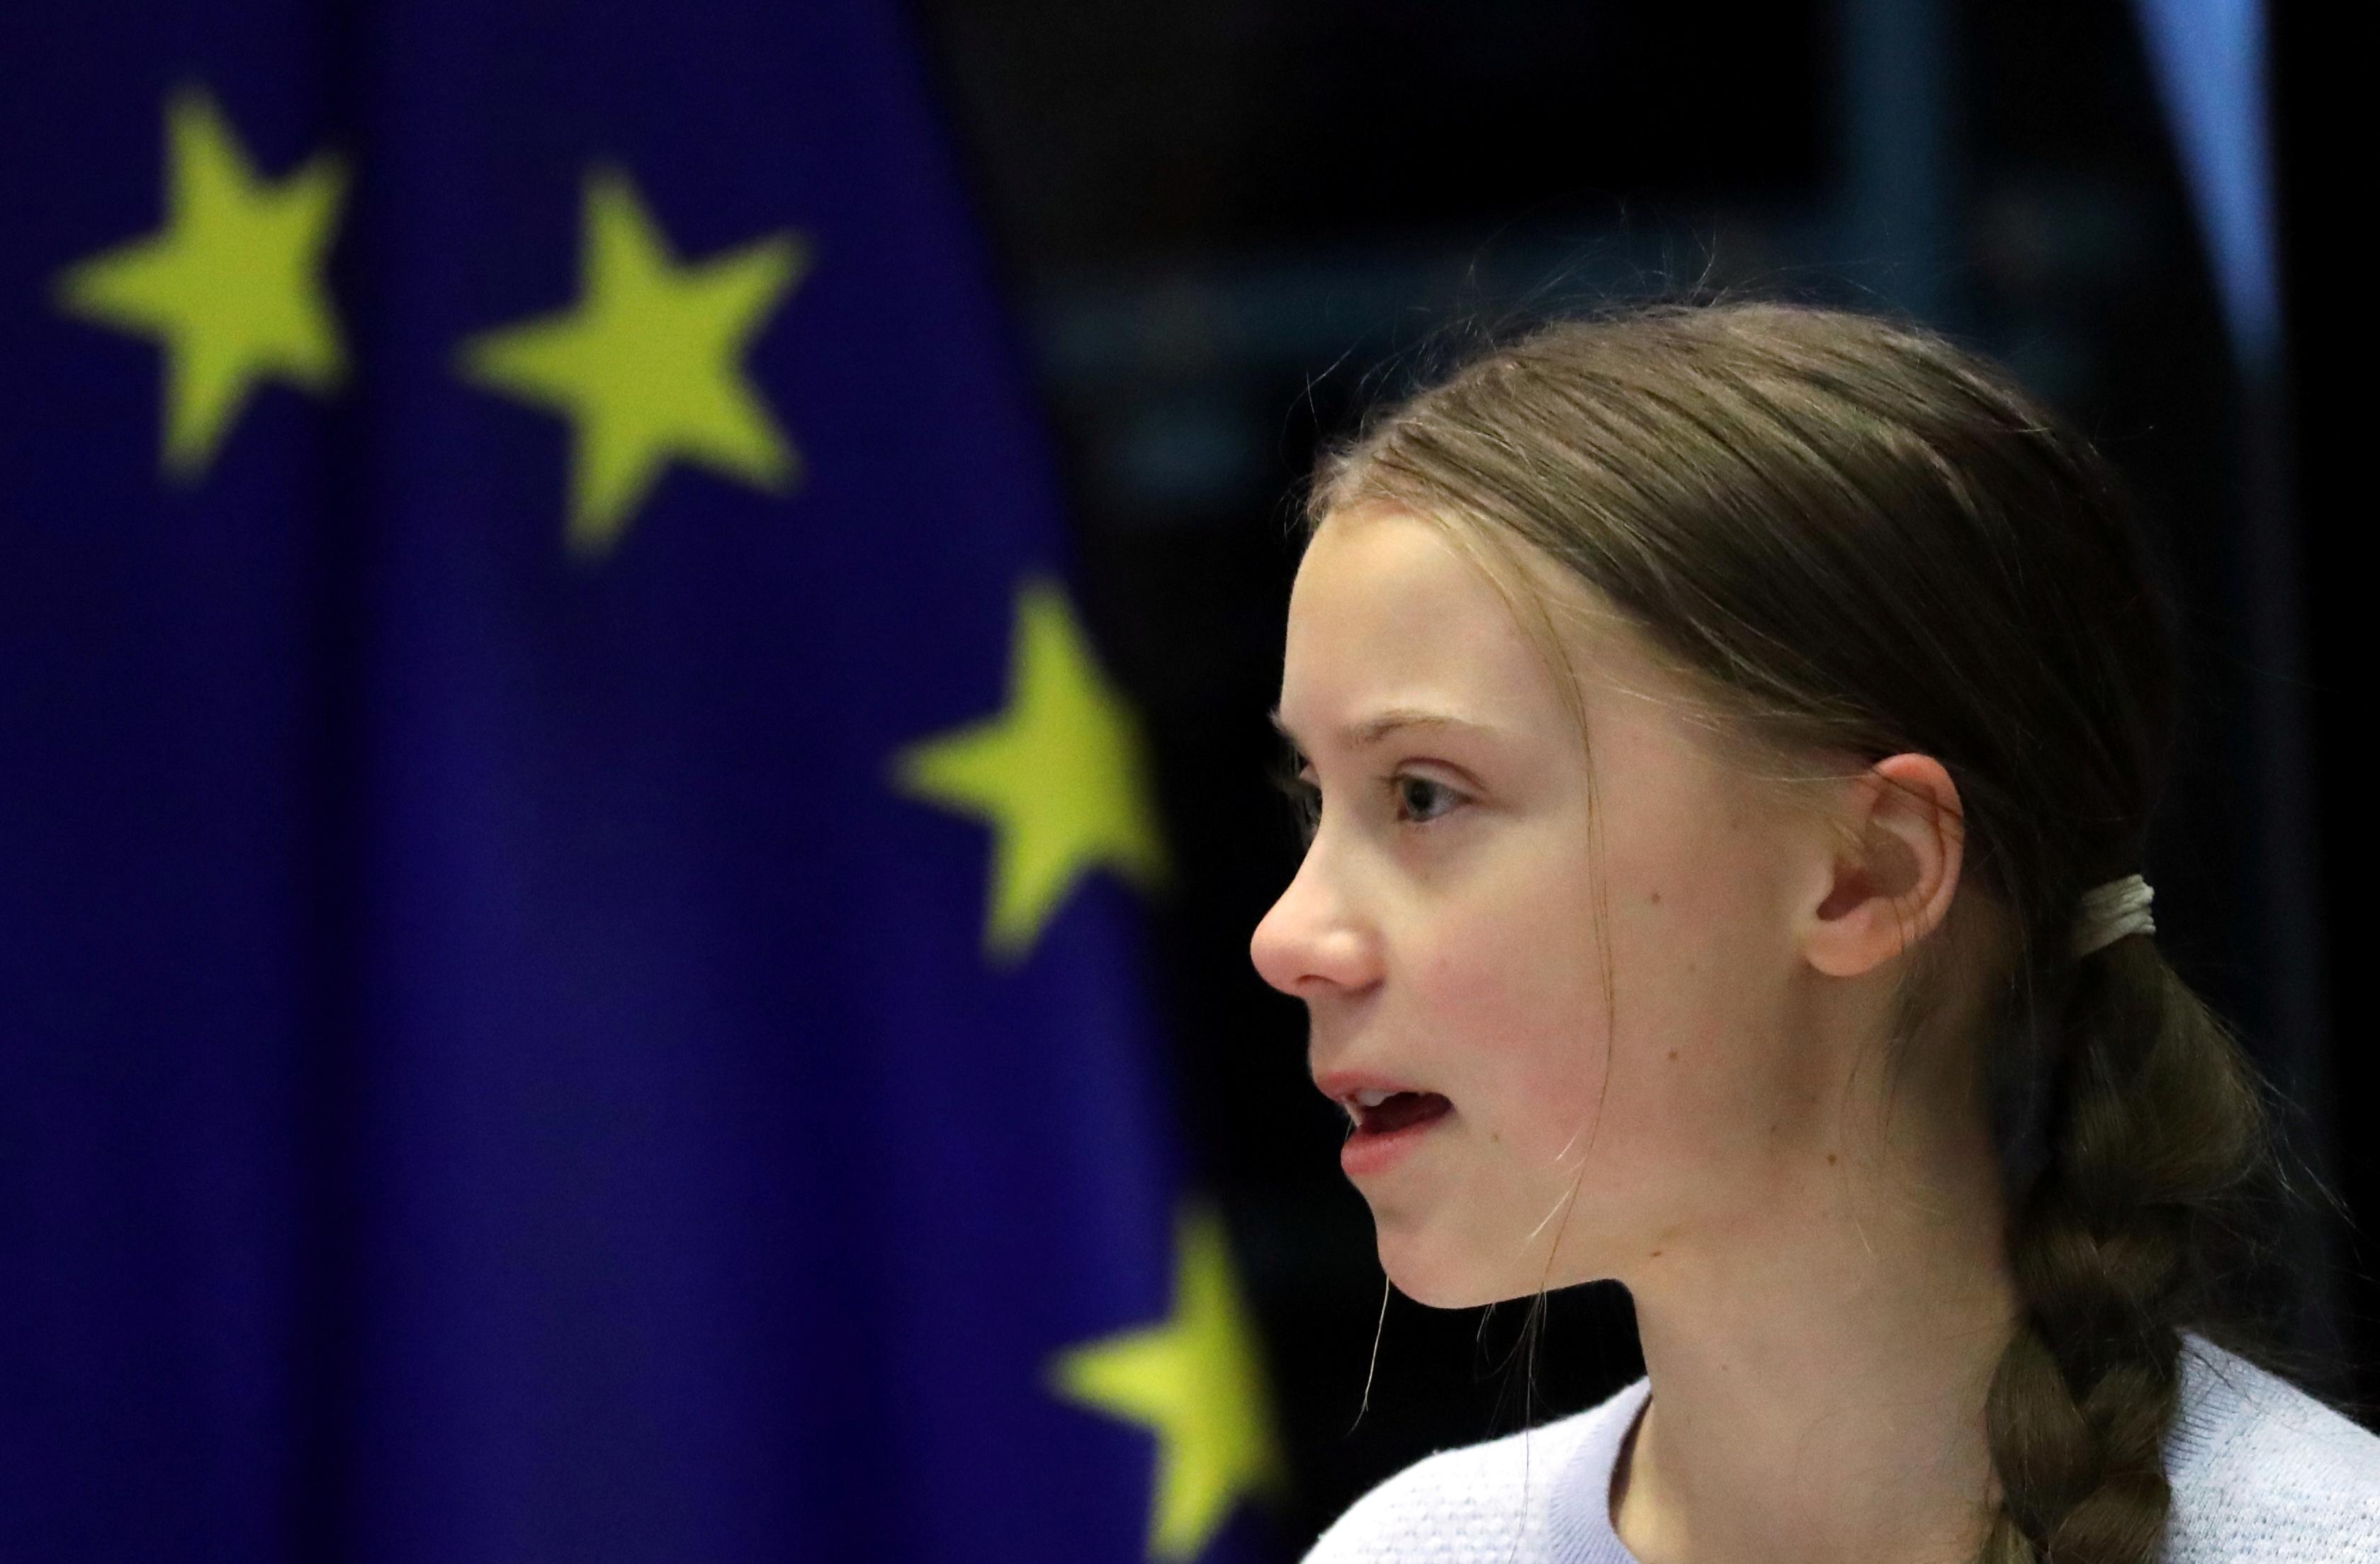 Greta Thunberg discursa no Parlamento Europeu, em Bruxelas, na Bélgica